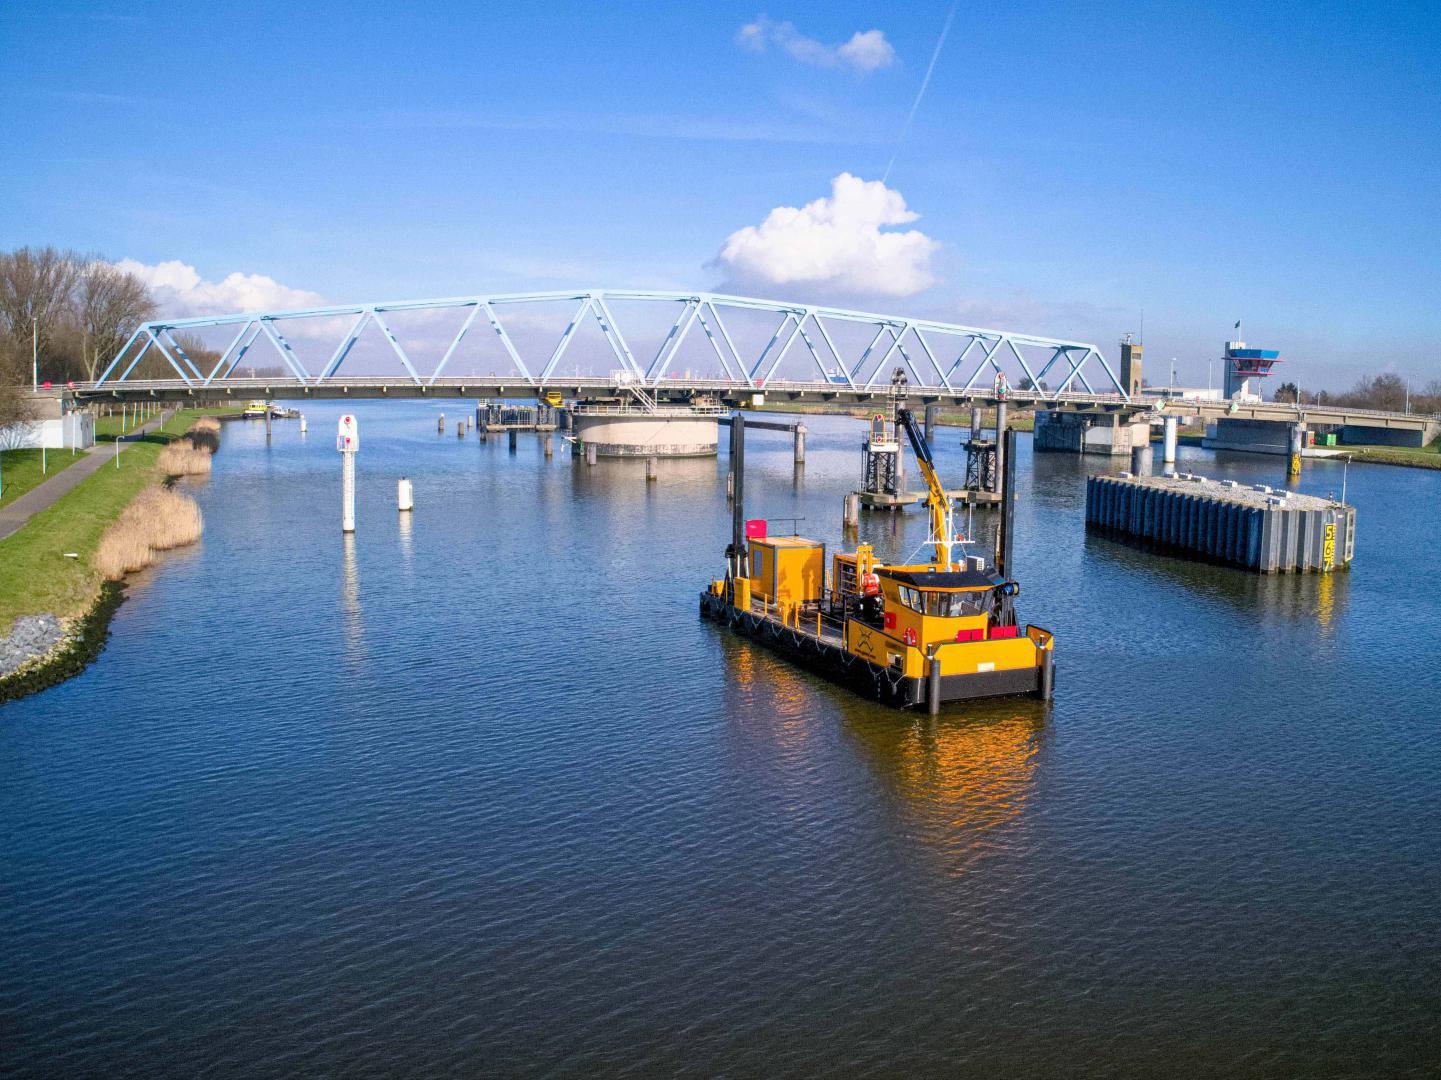 Stabiliteitsonderzoek draaibruggen en bodems Kanaal Gent-Terneuzen